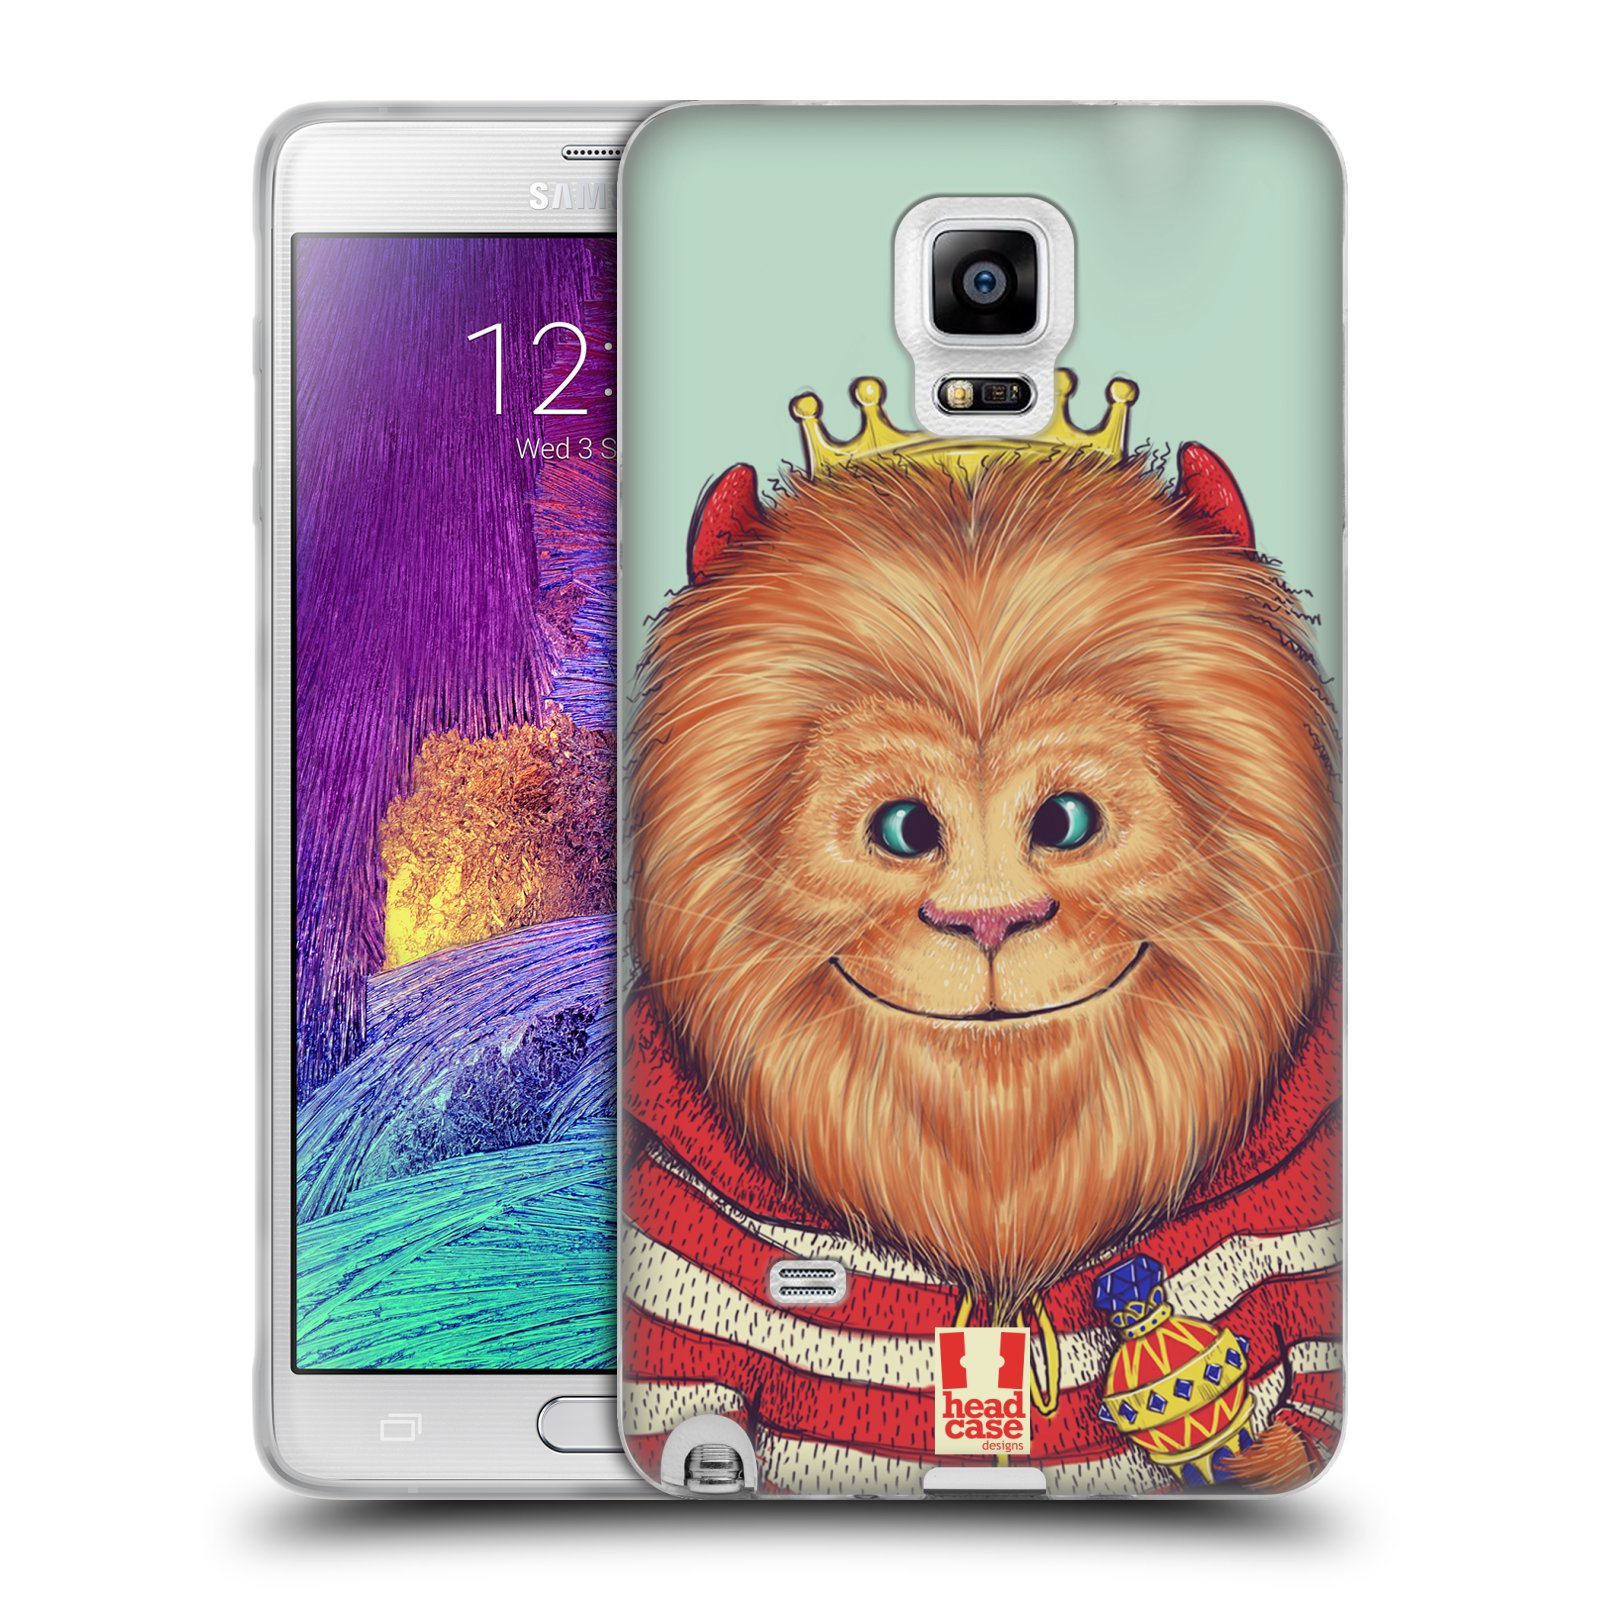 HEAD CASE silikonový obal na mobil Samsung Galaxy Note 4 (N910) vzor Kreslená zvířátka lev